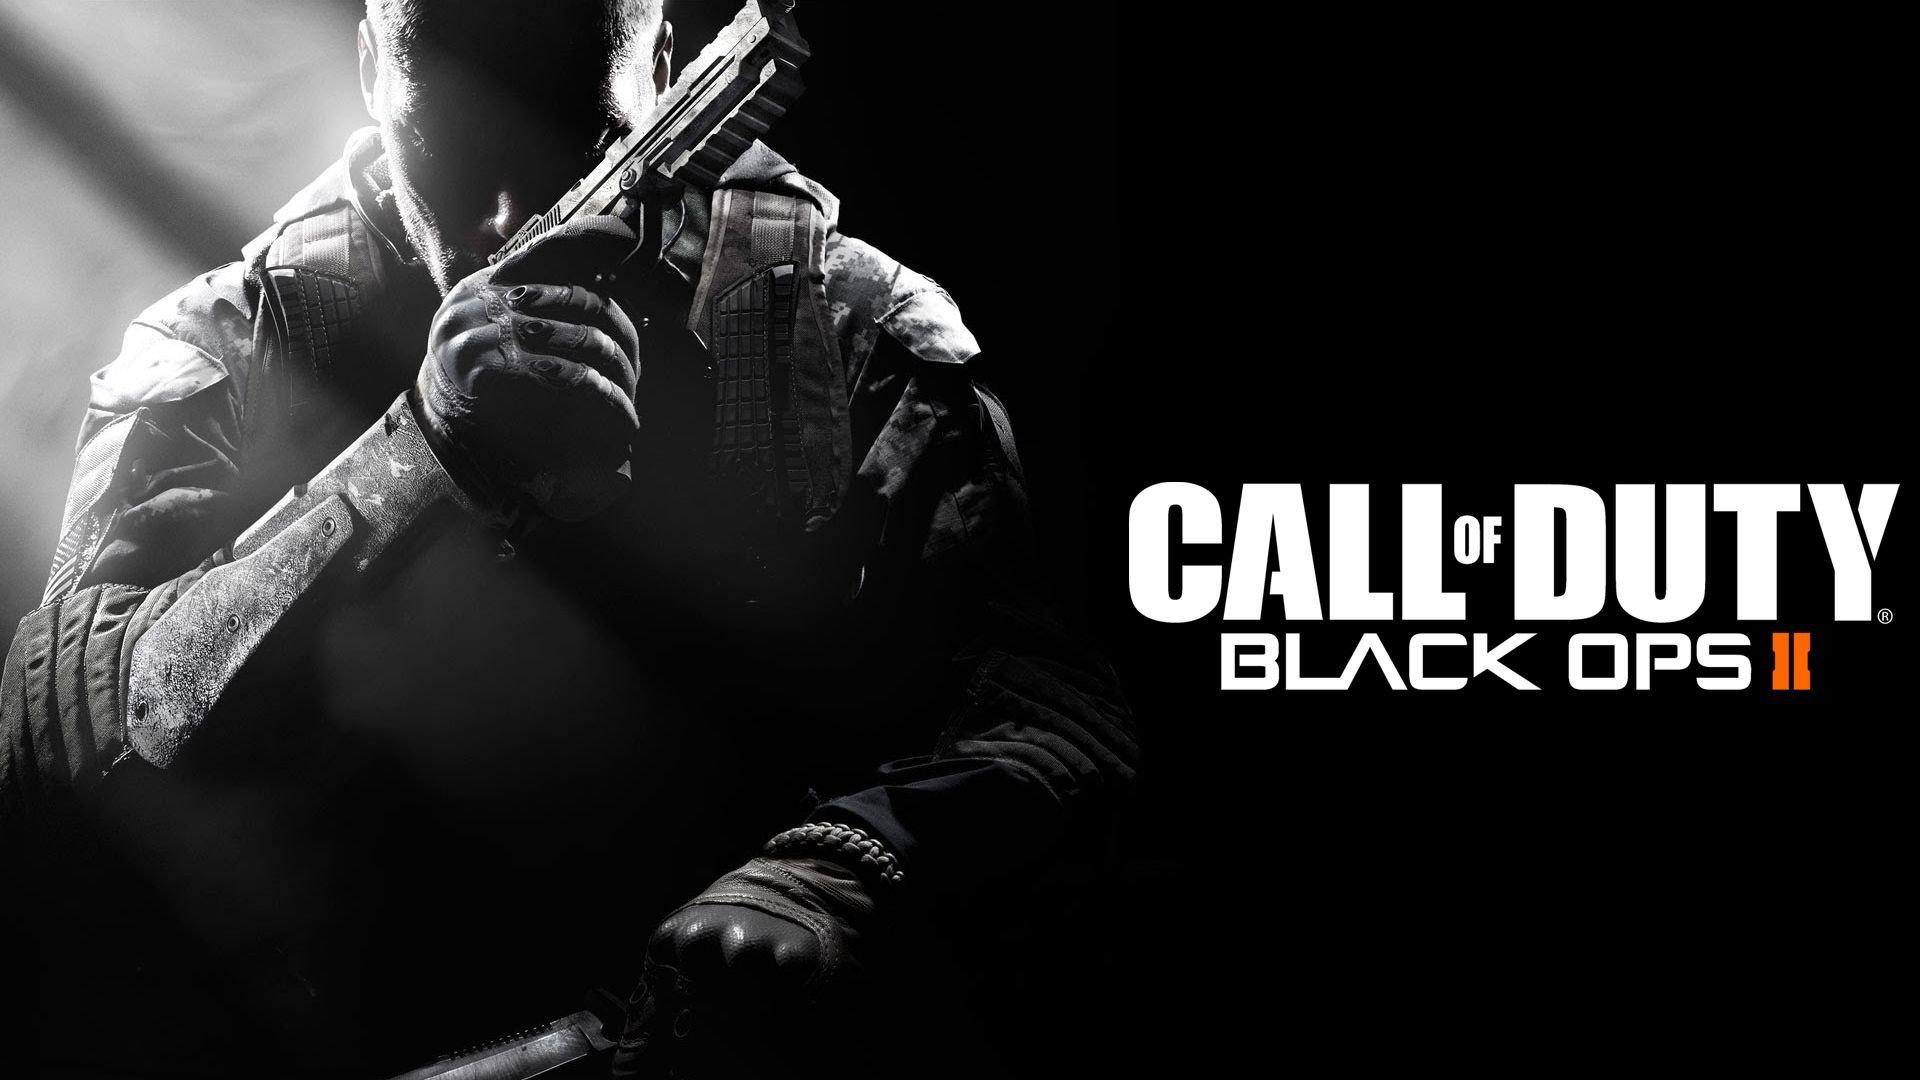 تحميل لعبة call of duty black ops 2 تورنت